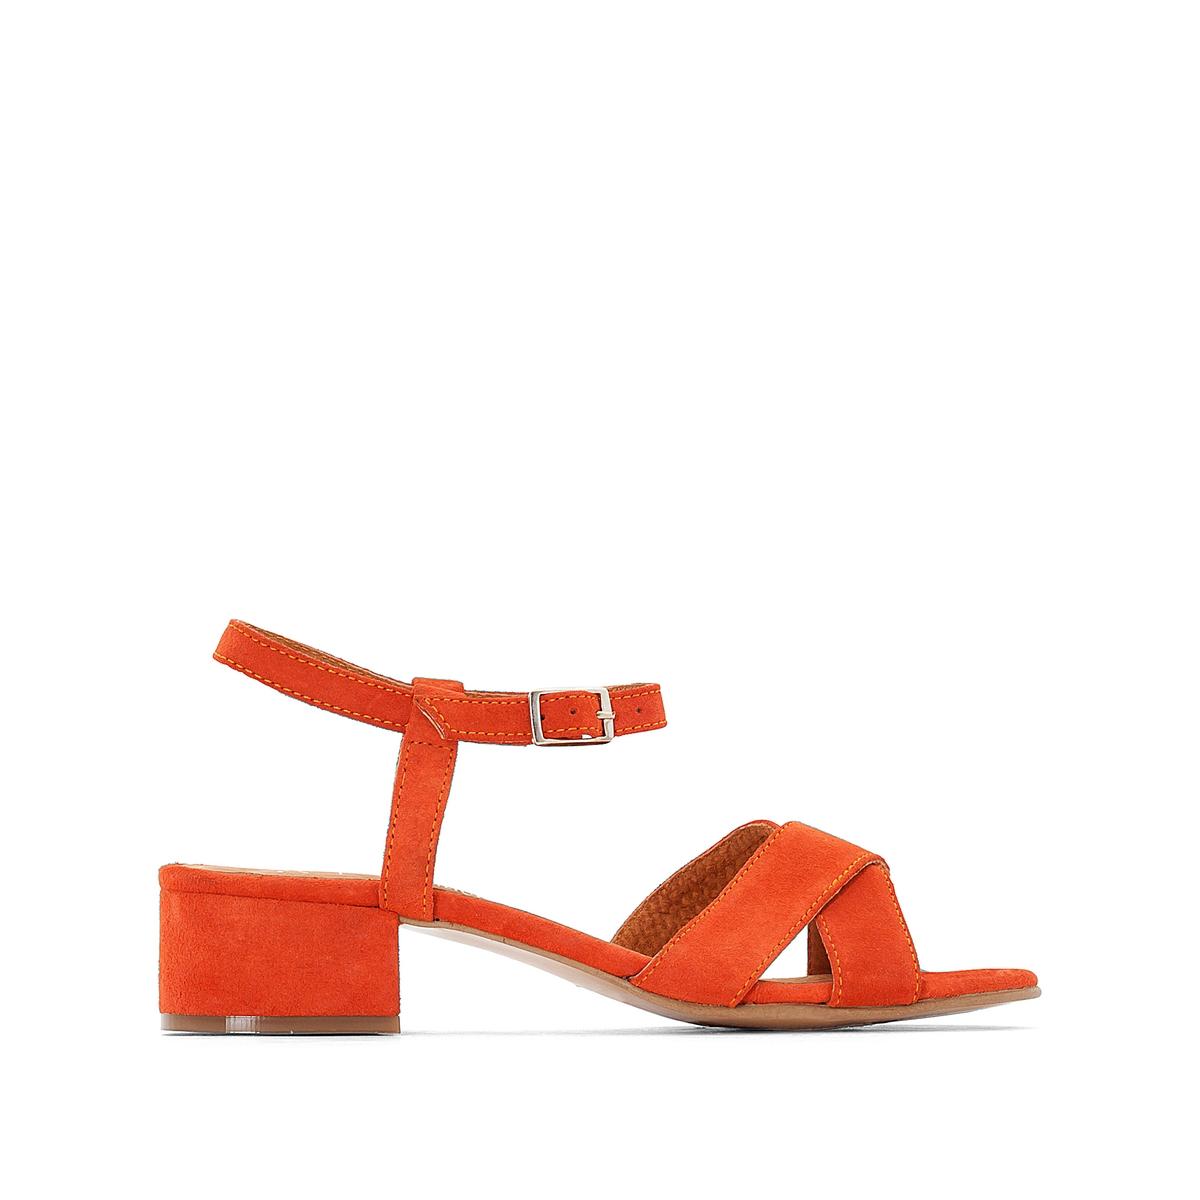 Босоножки кожаныеДетали  •  Широкий каблук •  Высота каблука : 4 см •  Застежка : ремешок/пряжка •  Открытый мысок •  Гладкая отделкаСостав и уход   •  Верх/голенище<br><br>Цвет: оранжевый<br>Размер: 41.40.39